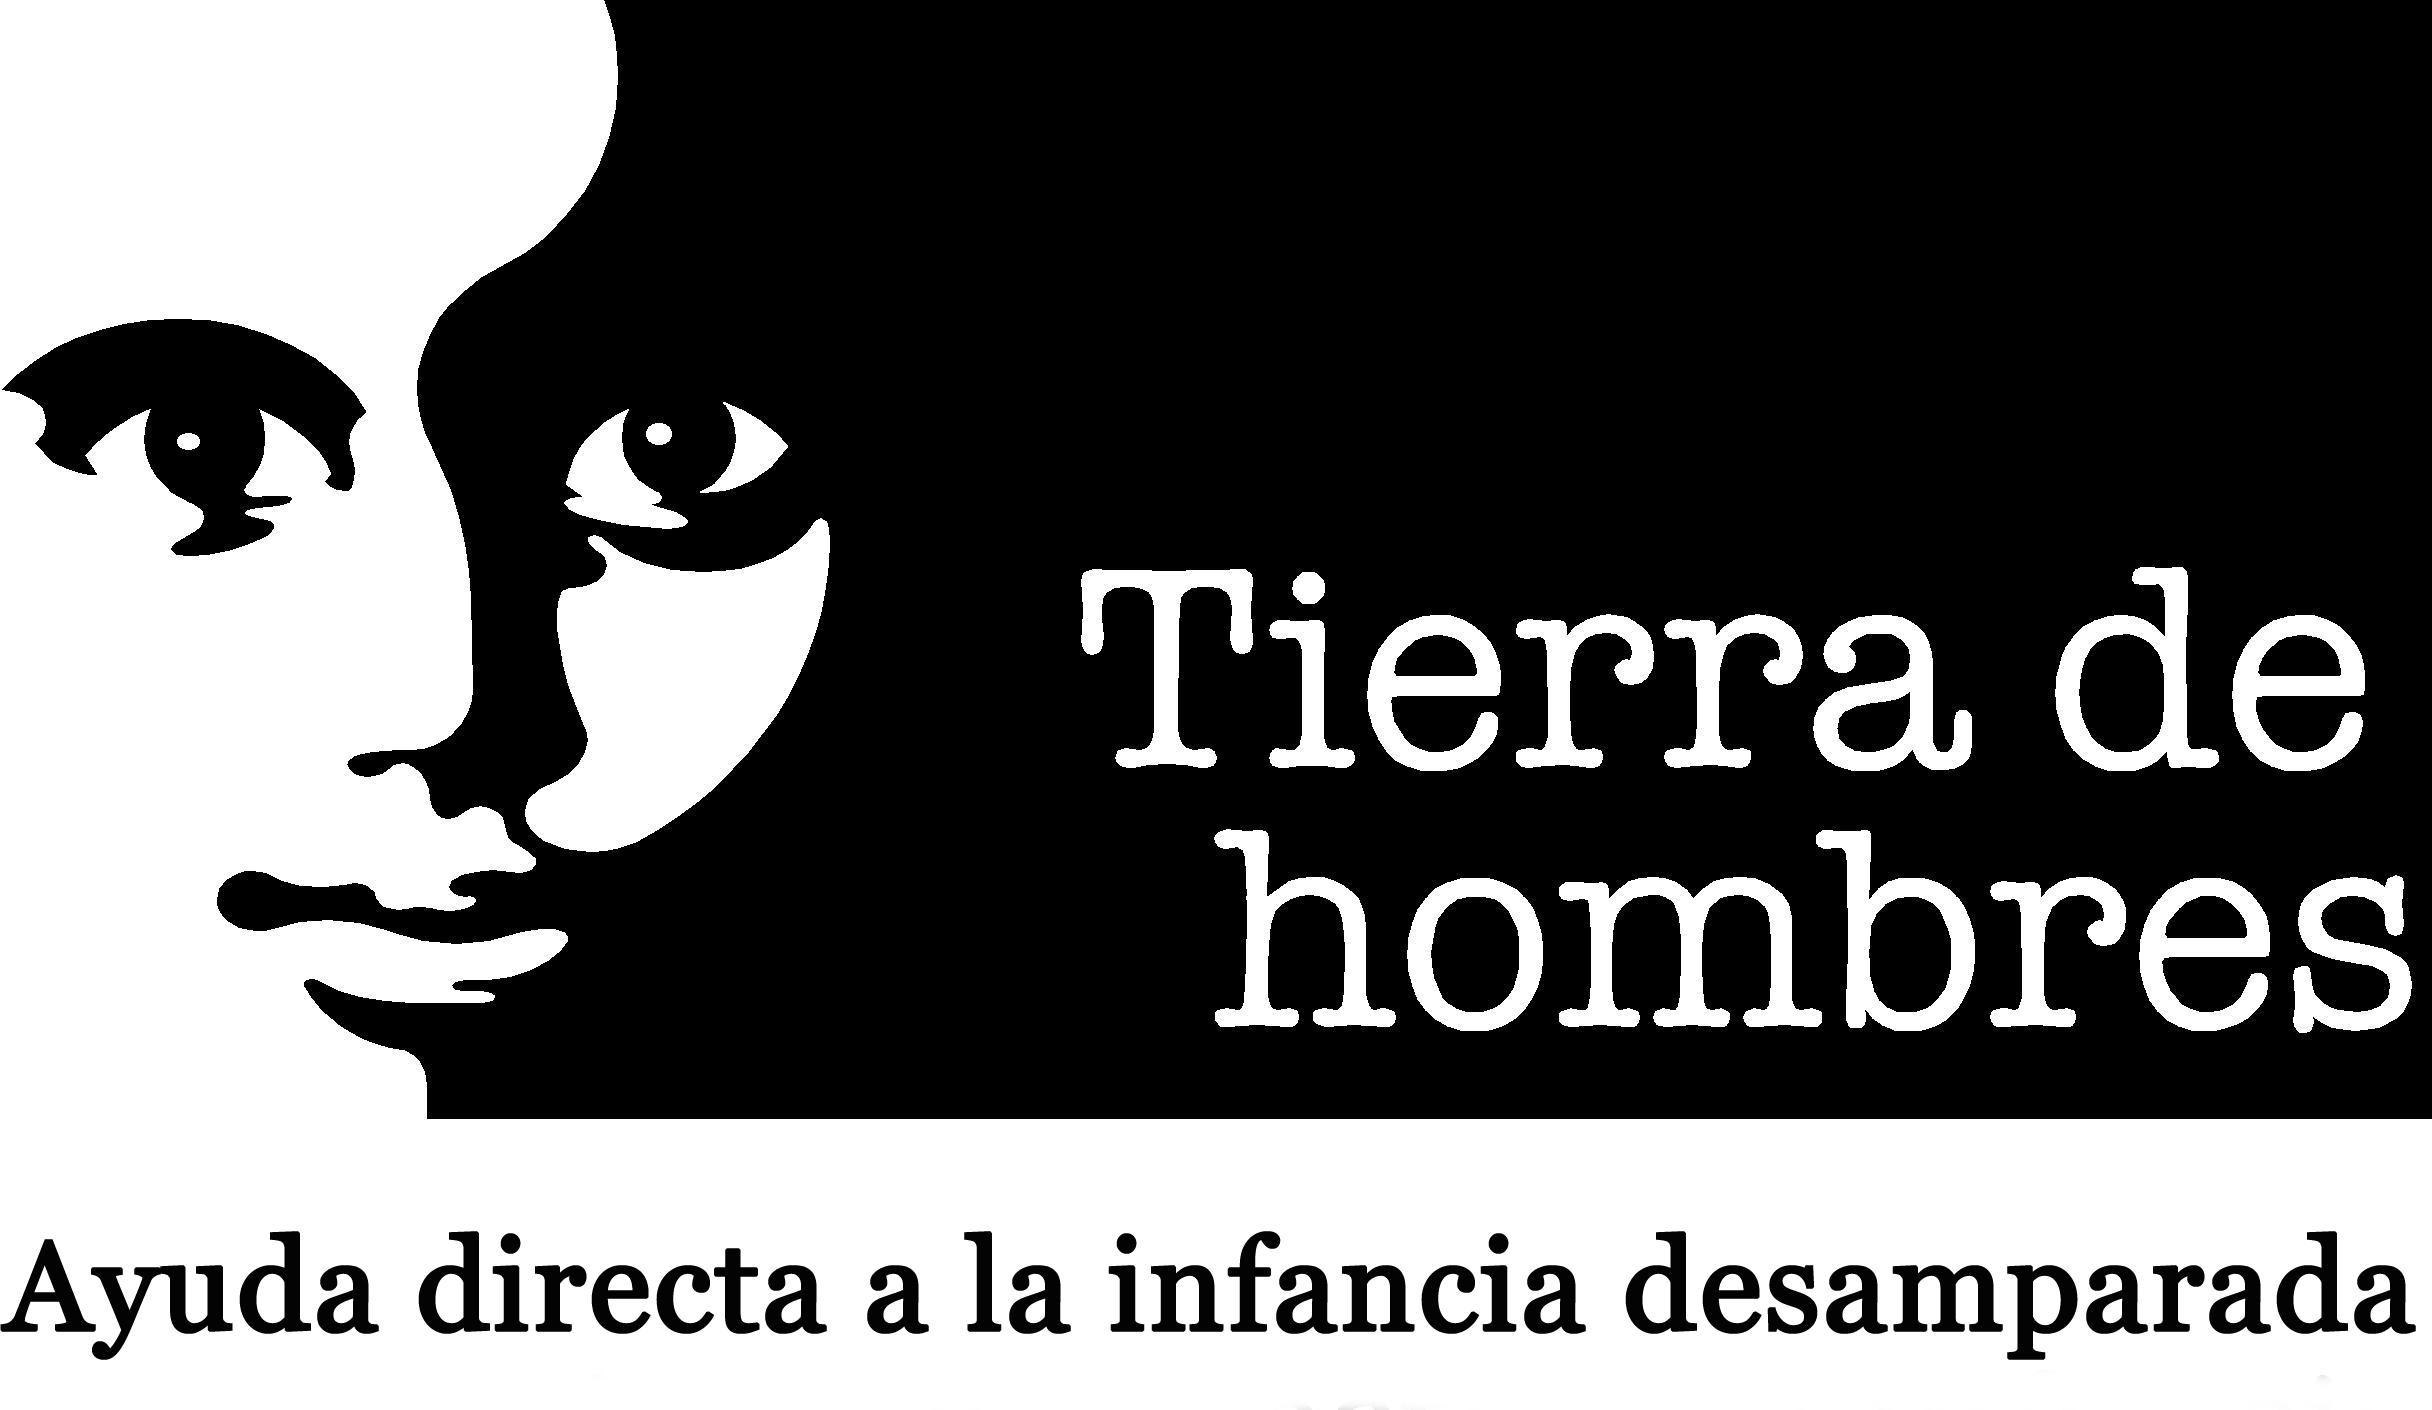 Logo Tdh leyenda corta